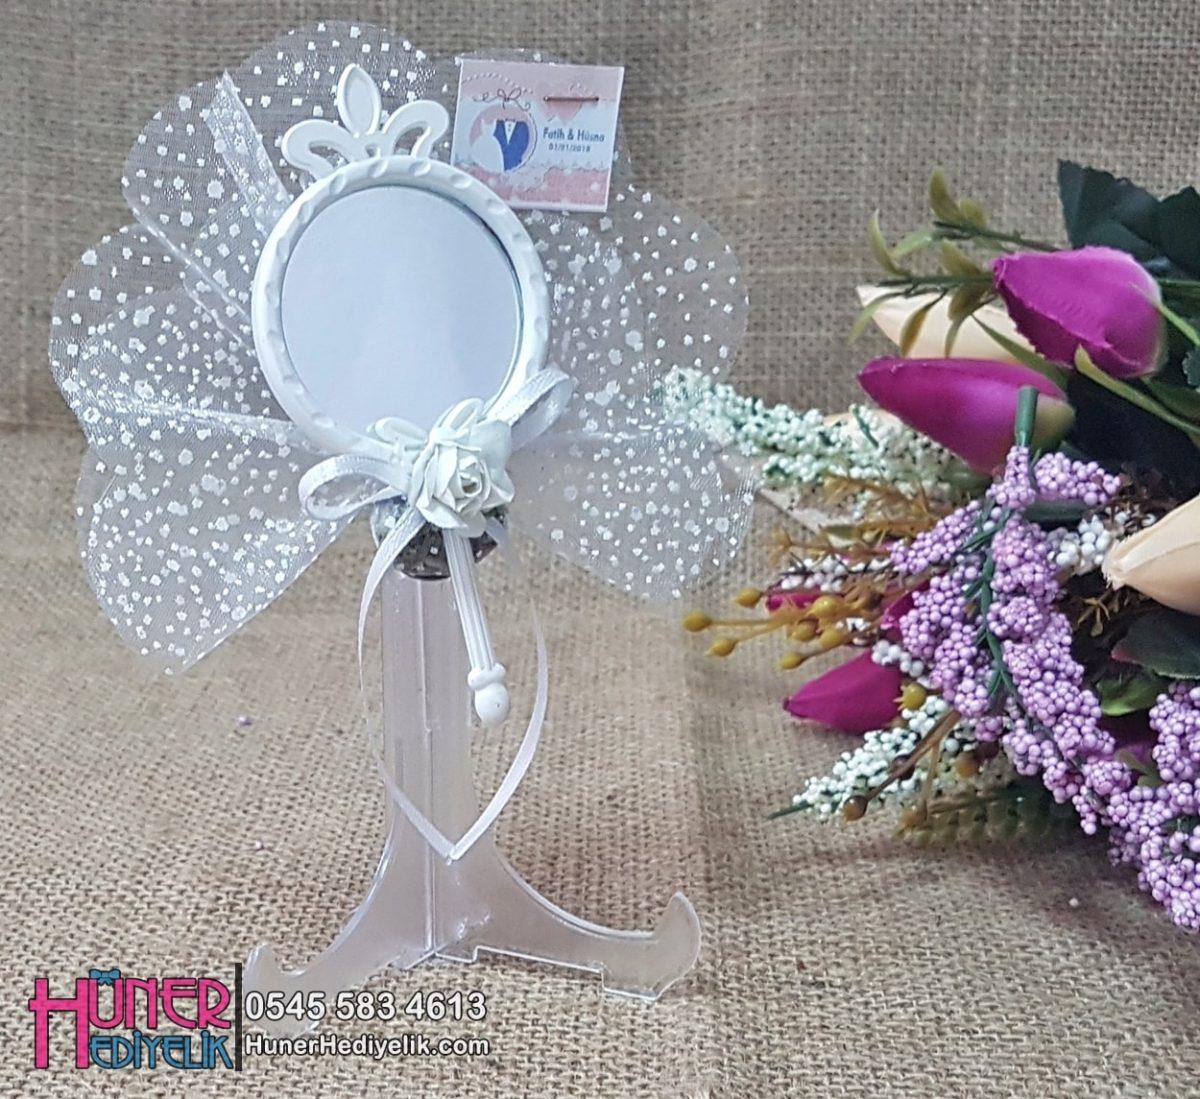 Beyaz Kelebekli Ve Taçlı Ayna Nikah Şekeri